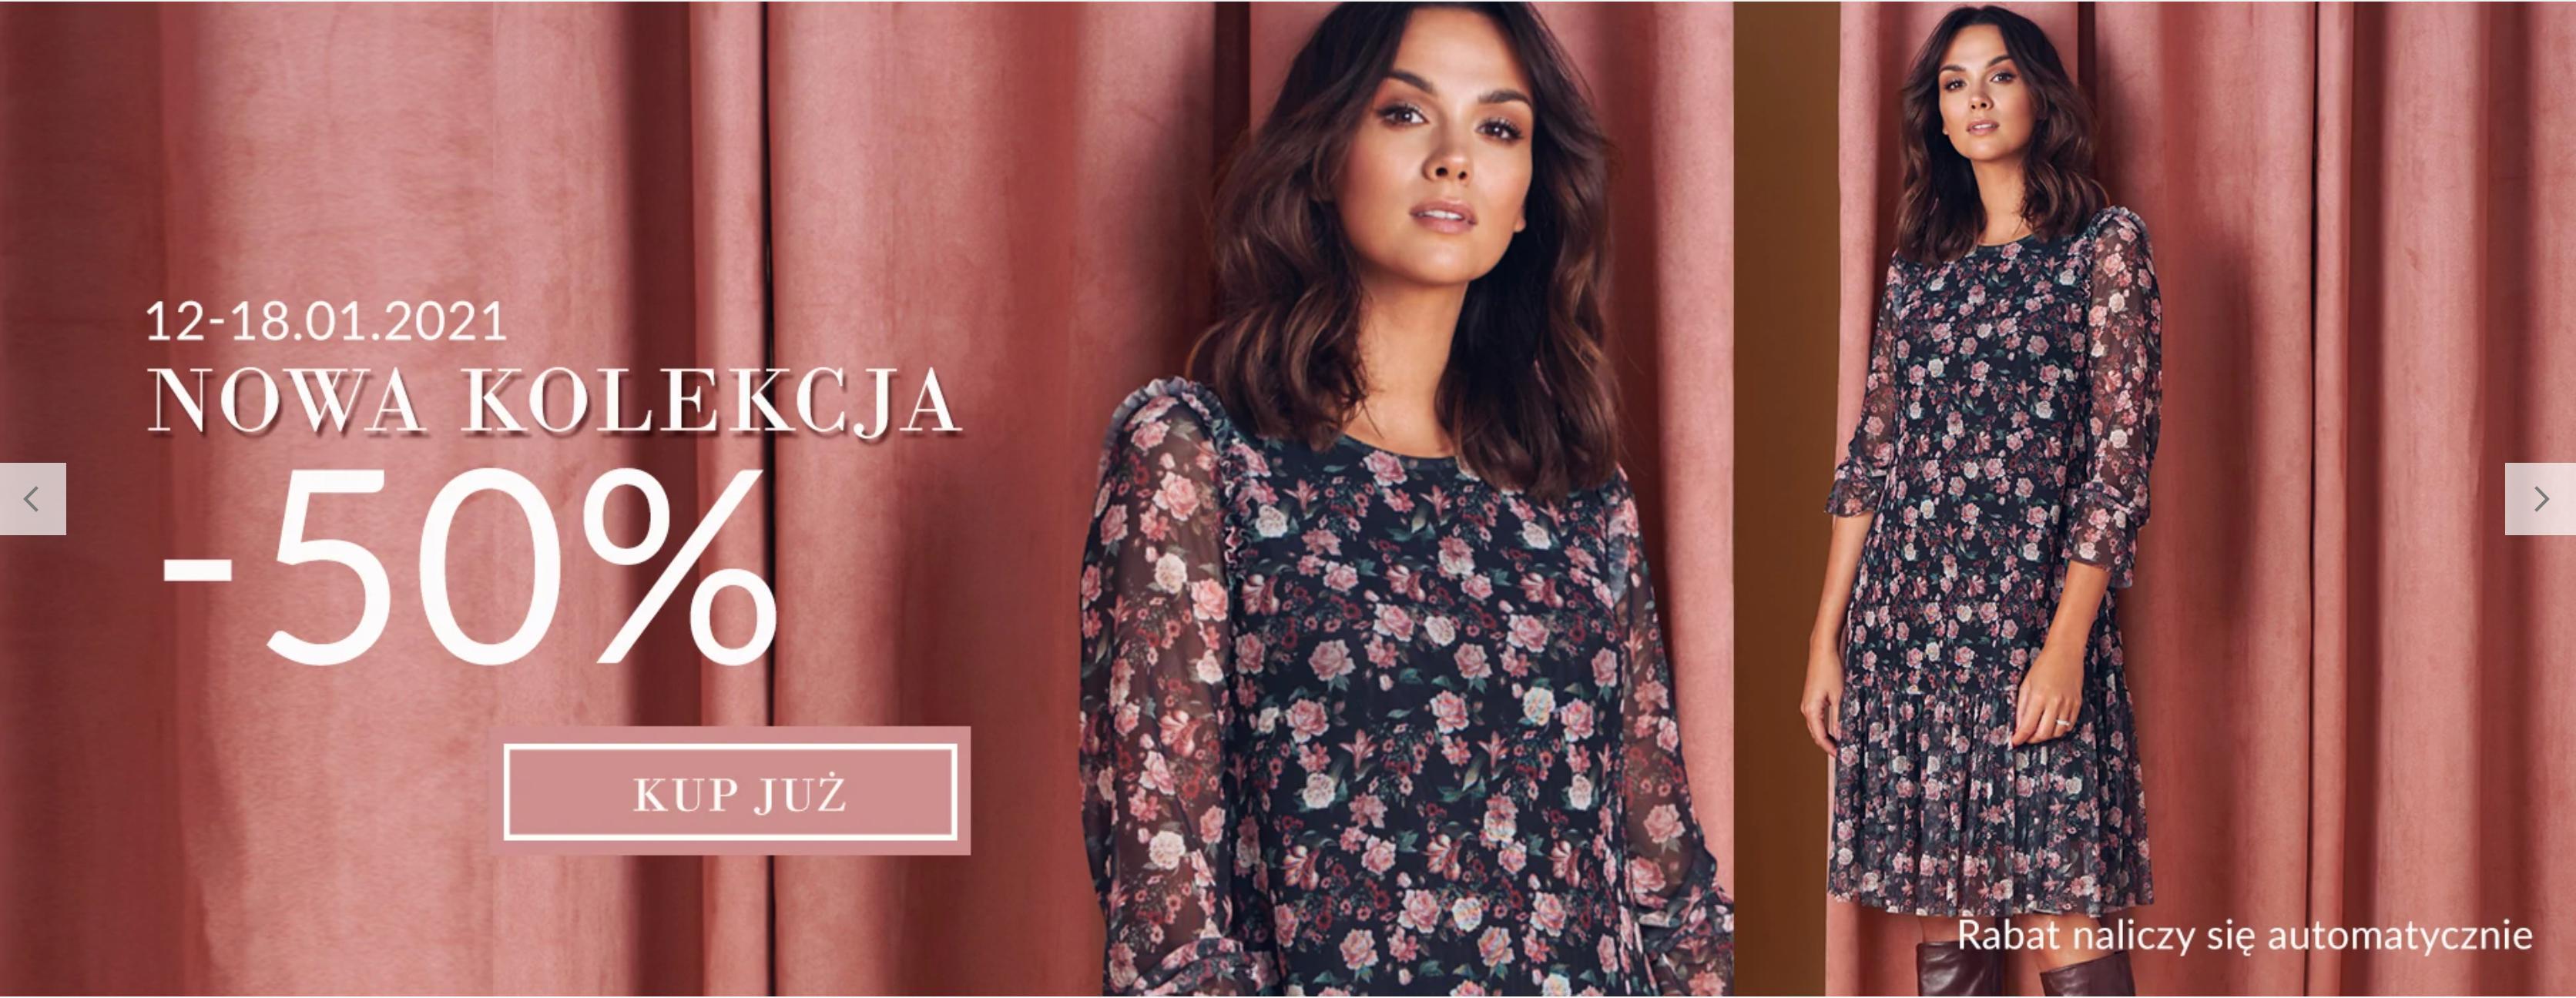 Quiosque Quiosque: 50% zniżki na nową kolekcję odzieży damskiej